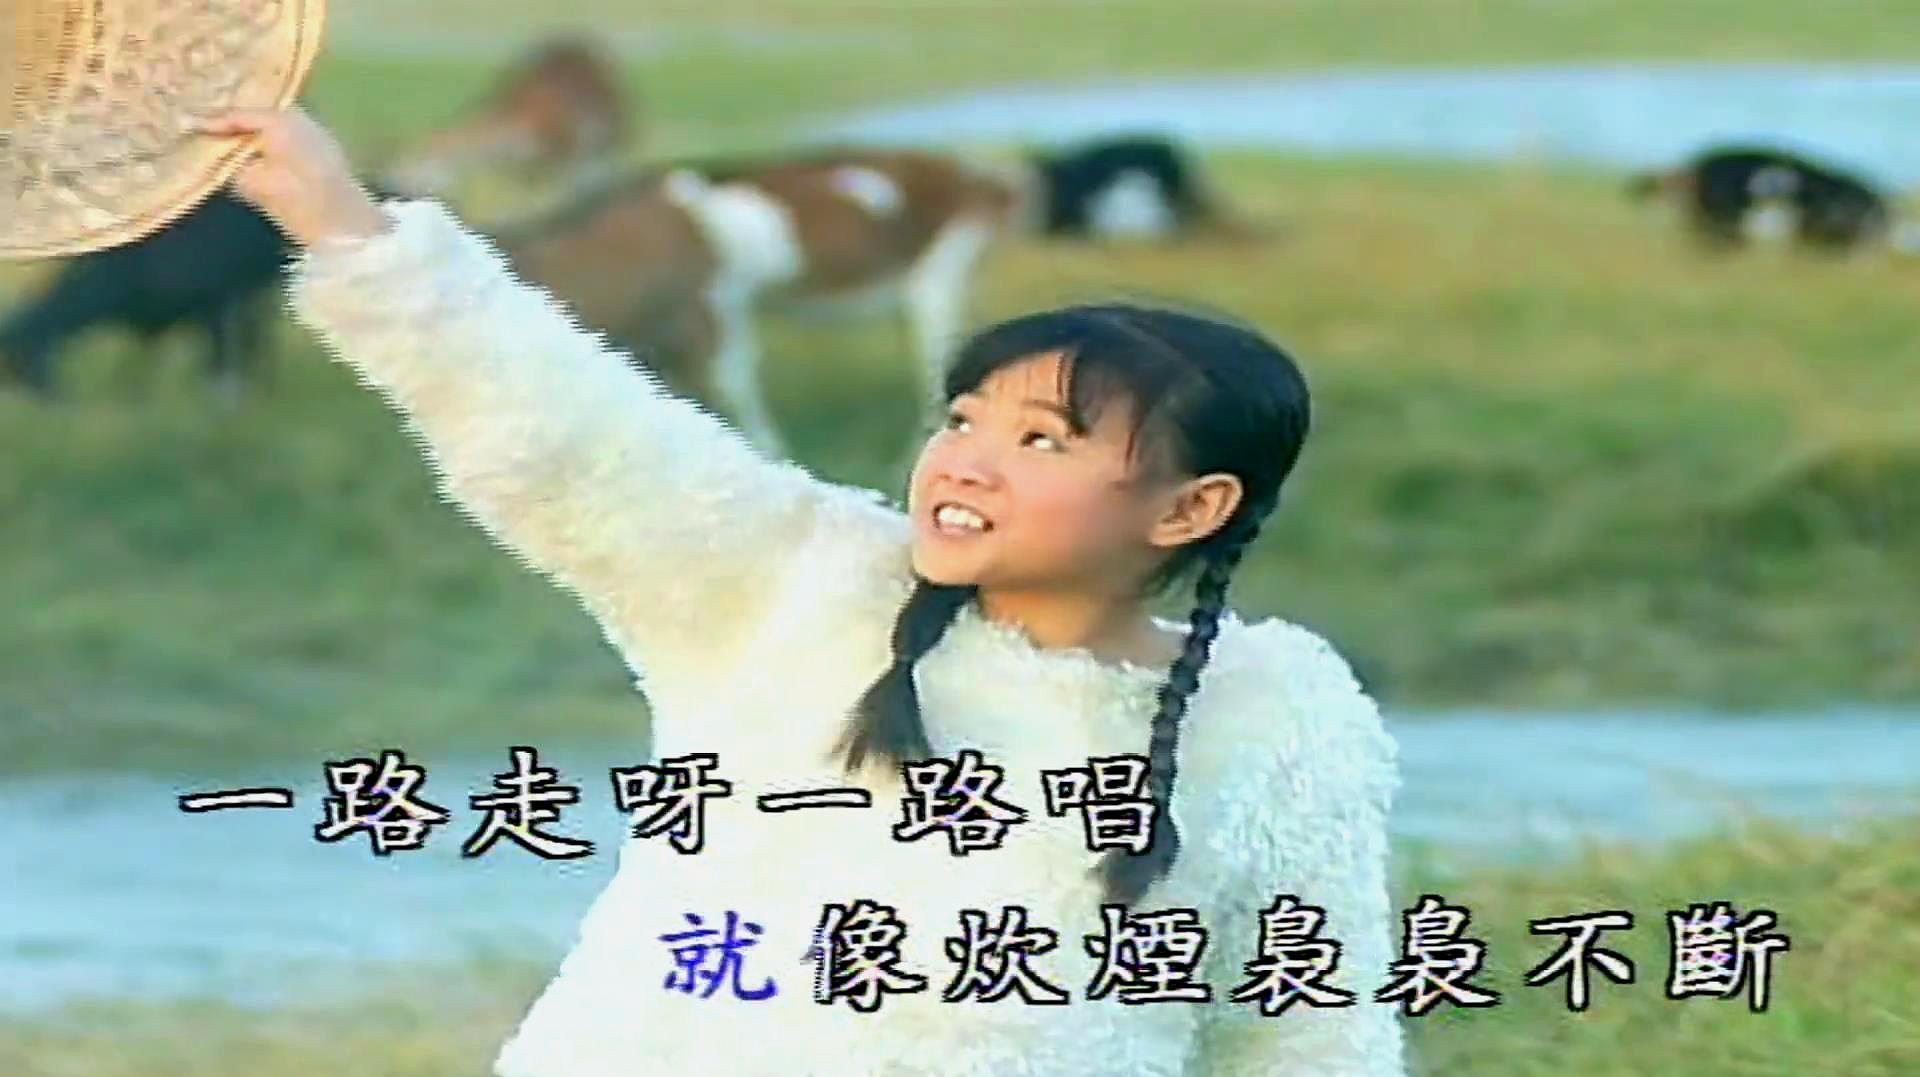 《农家的小女孩》 竹篱笆呀牵牛花 在线听下载配歌词